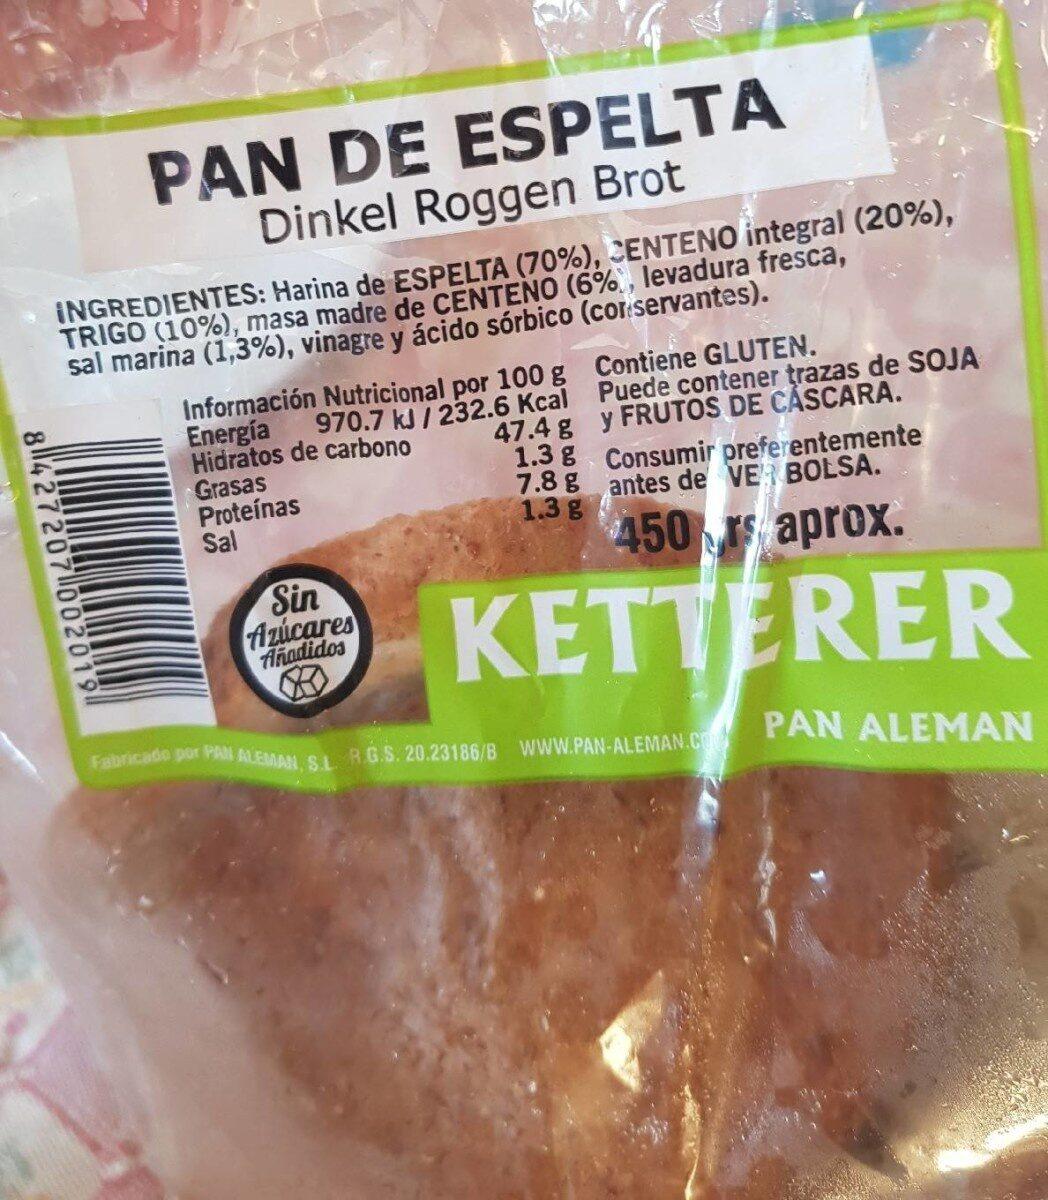 Pan  de espelta - Producto